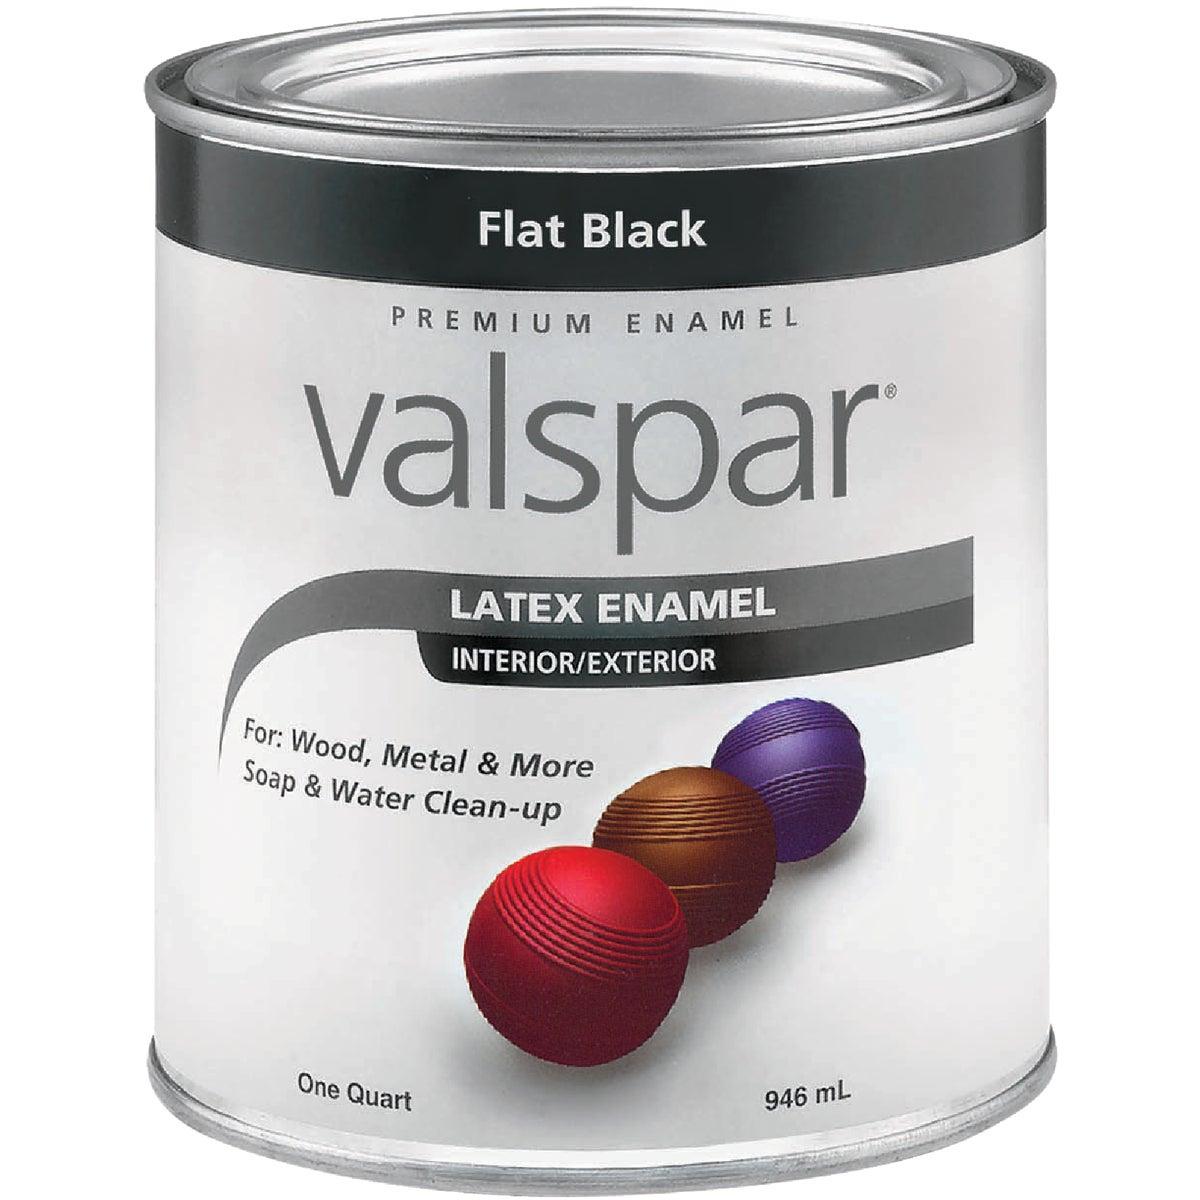 LTX FLAT BLACK ENAMEL - 410.0065050.005 by Valspar Corp